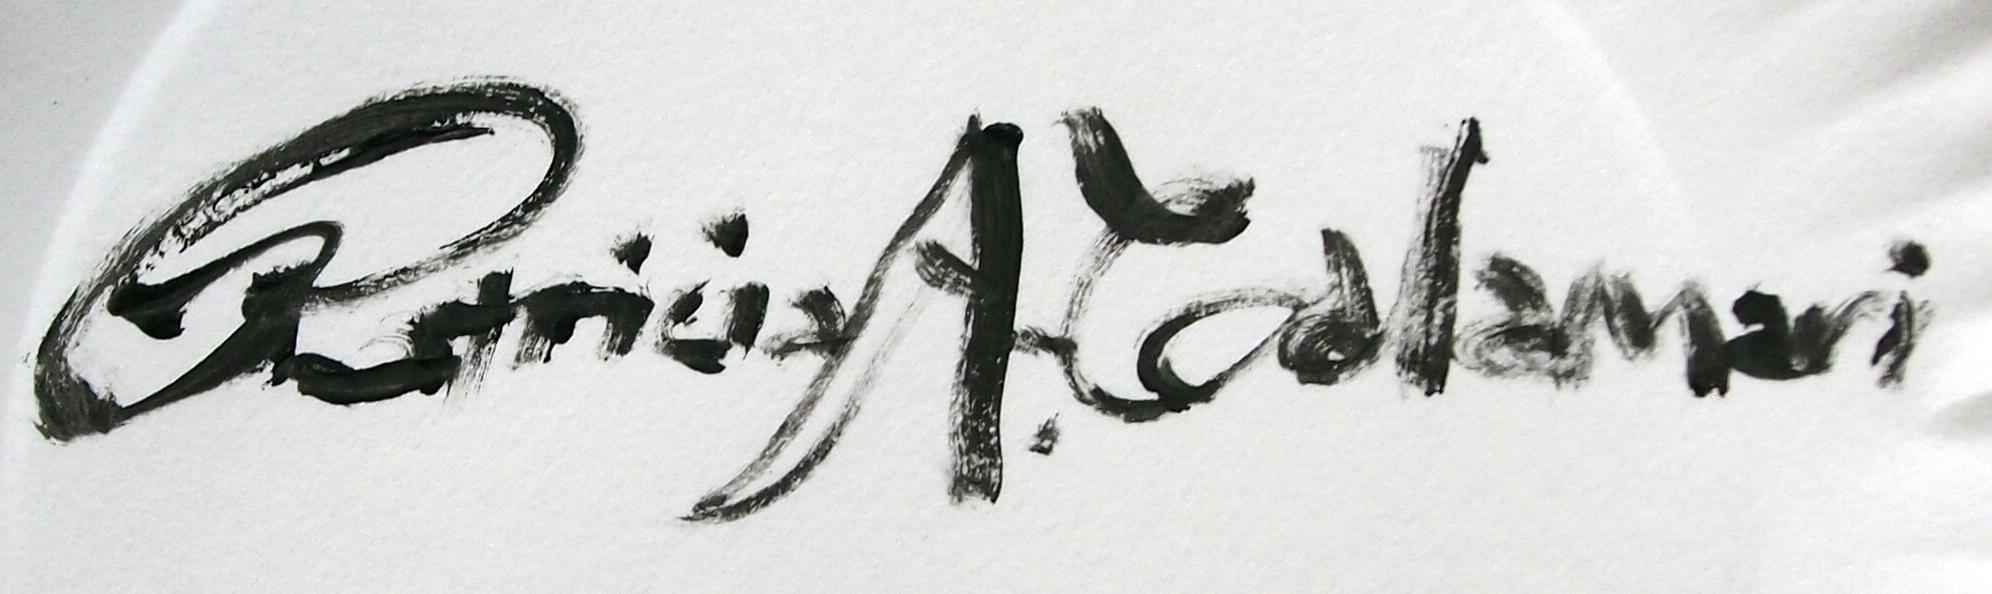 Patricia Calamari's Signature